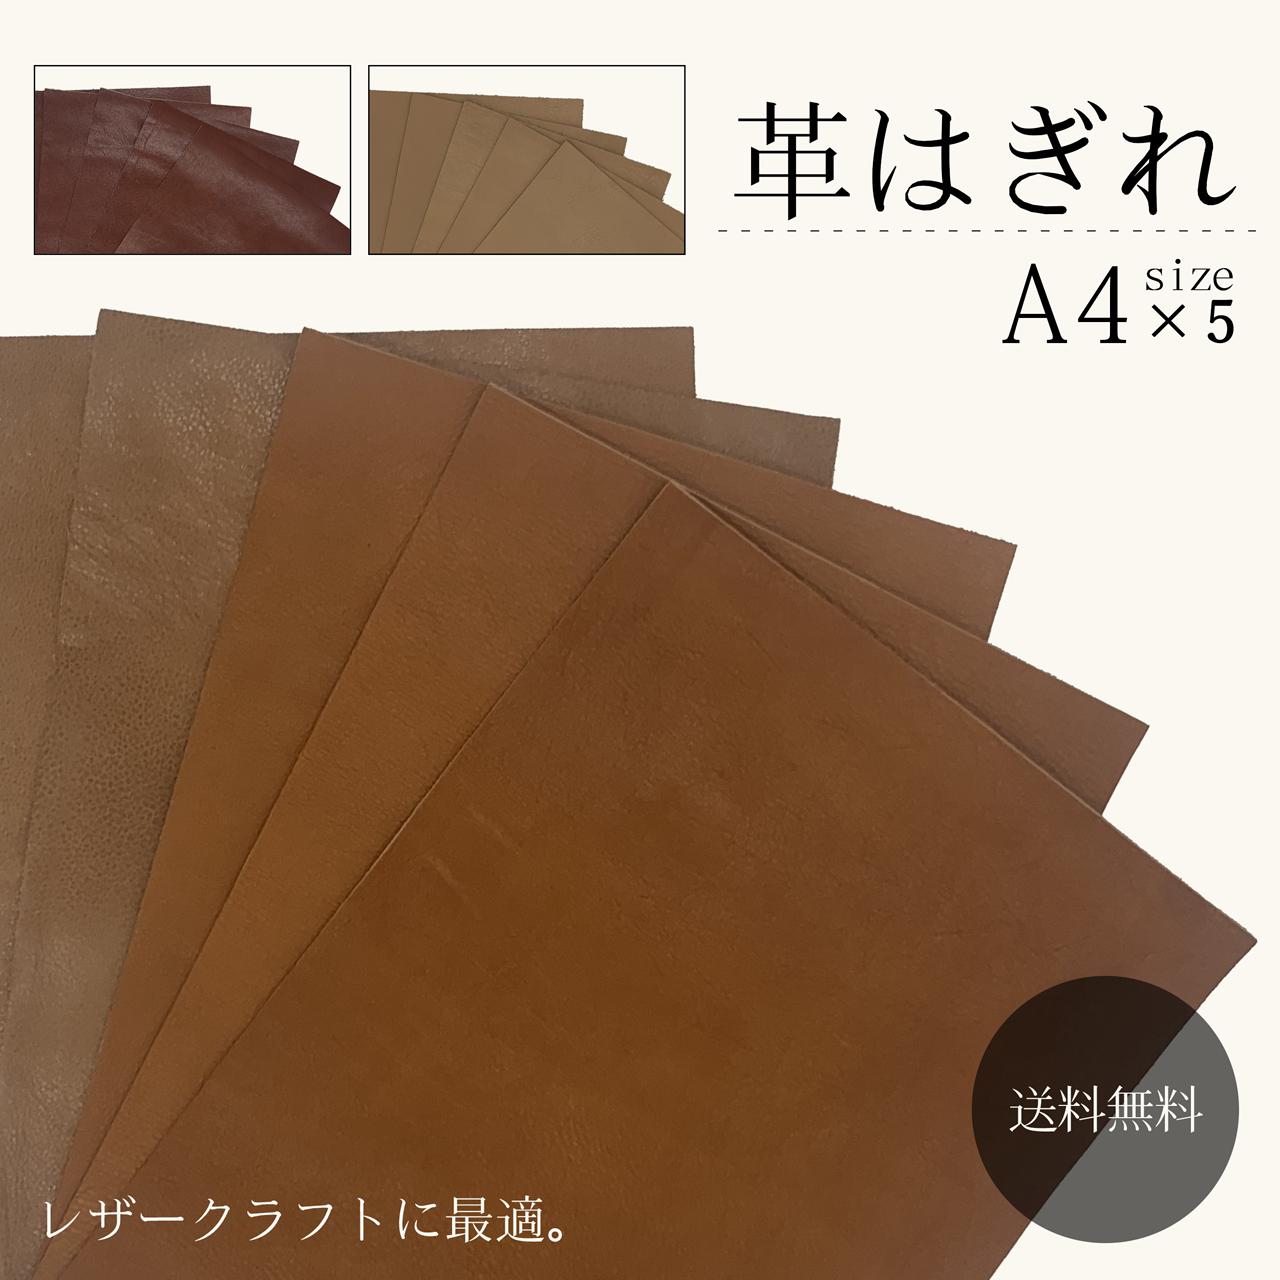 【送料無料】革はぎれ A4×5枚 レザークラフトに最適!